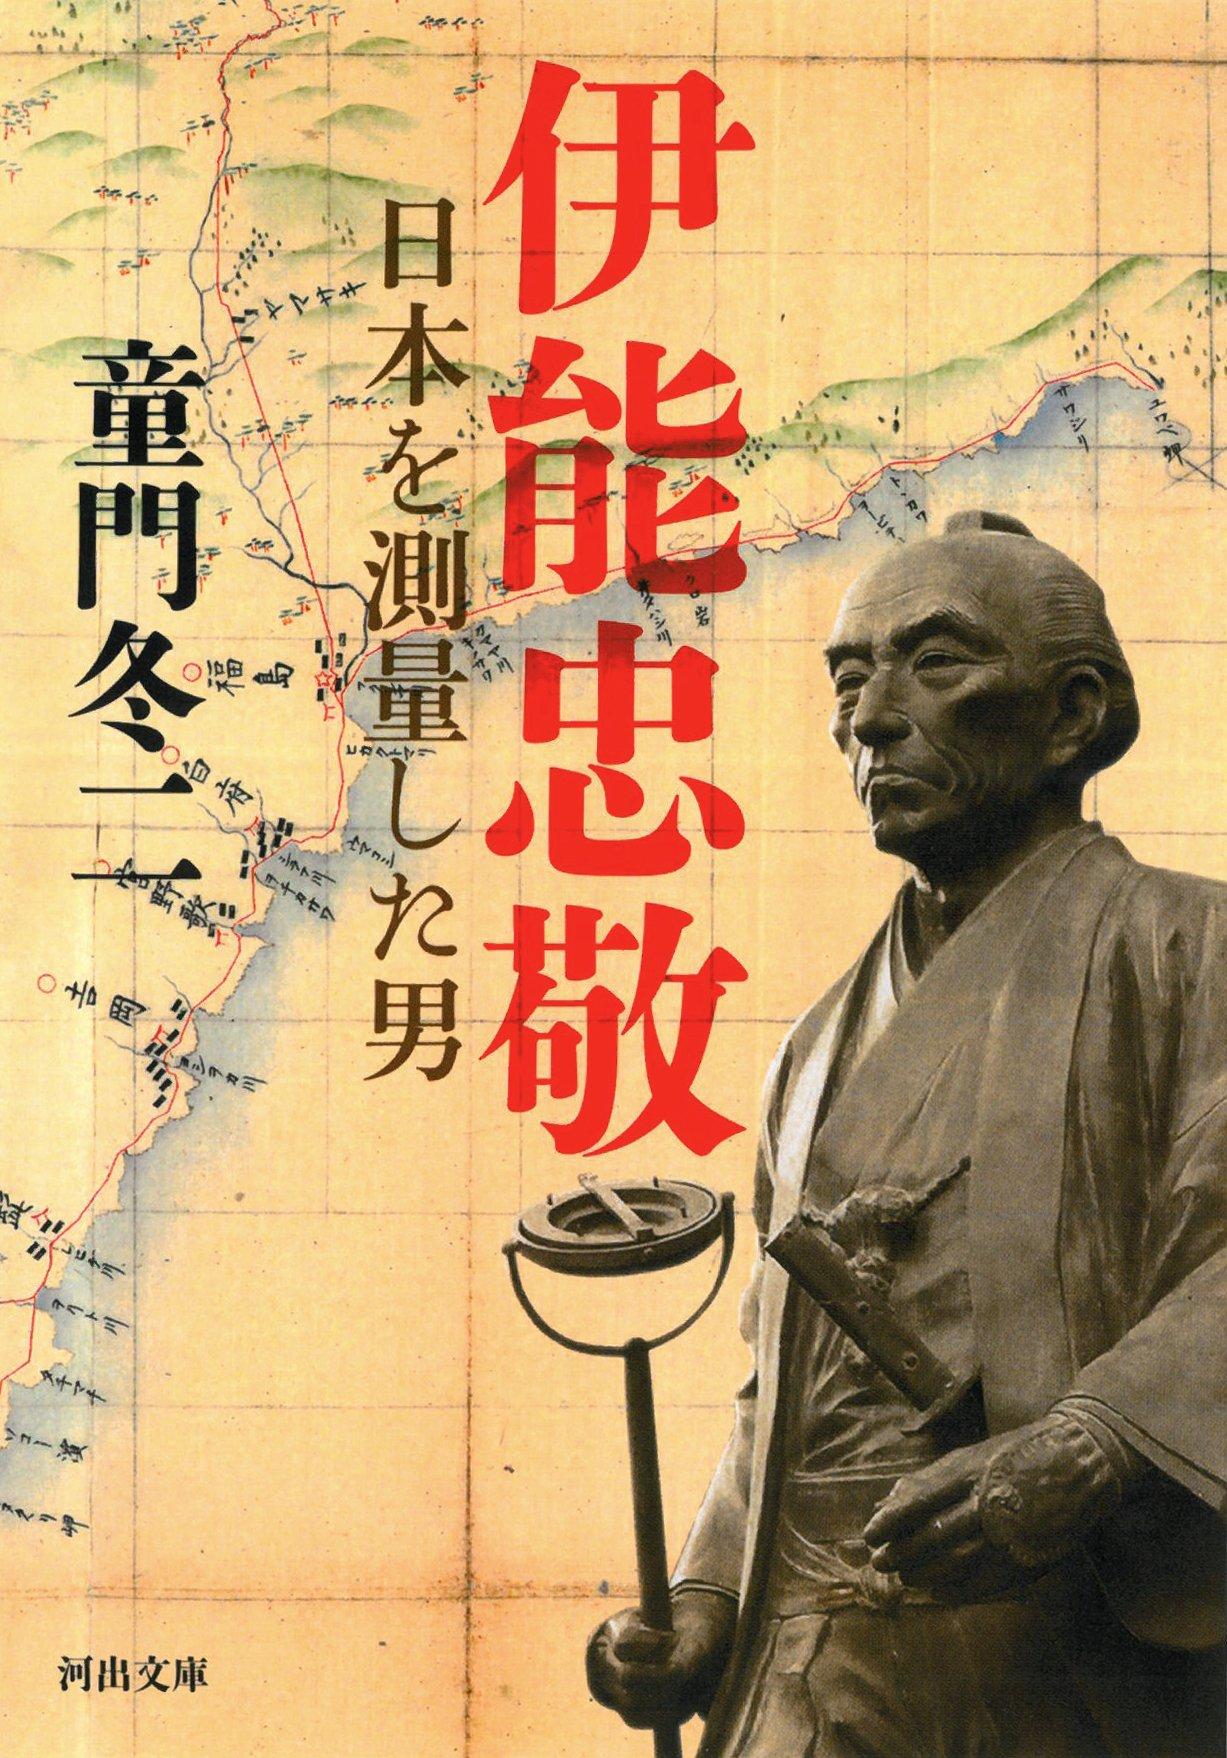 伊能忠敬、日本中を歩き地図を作った男を知る4冊の本。